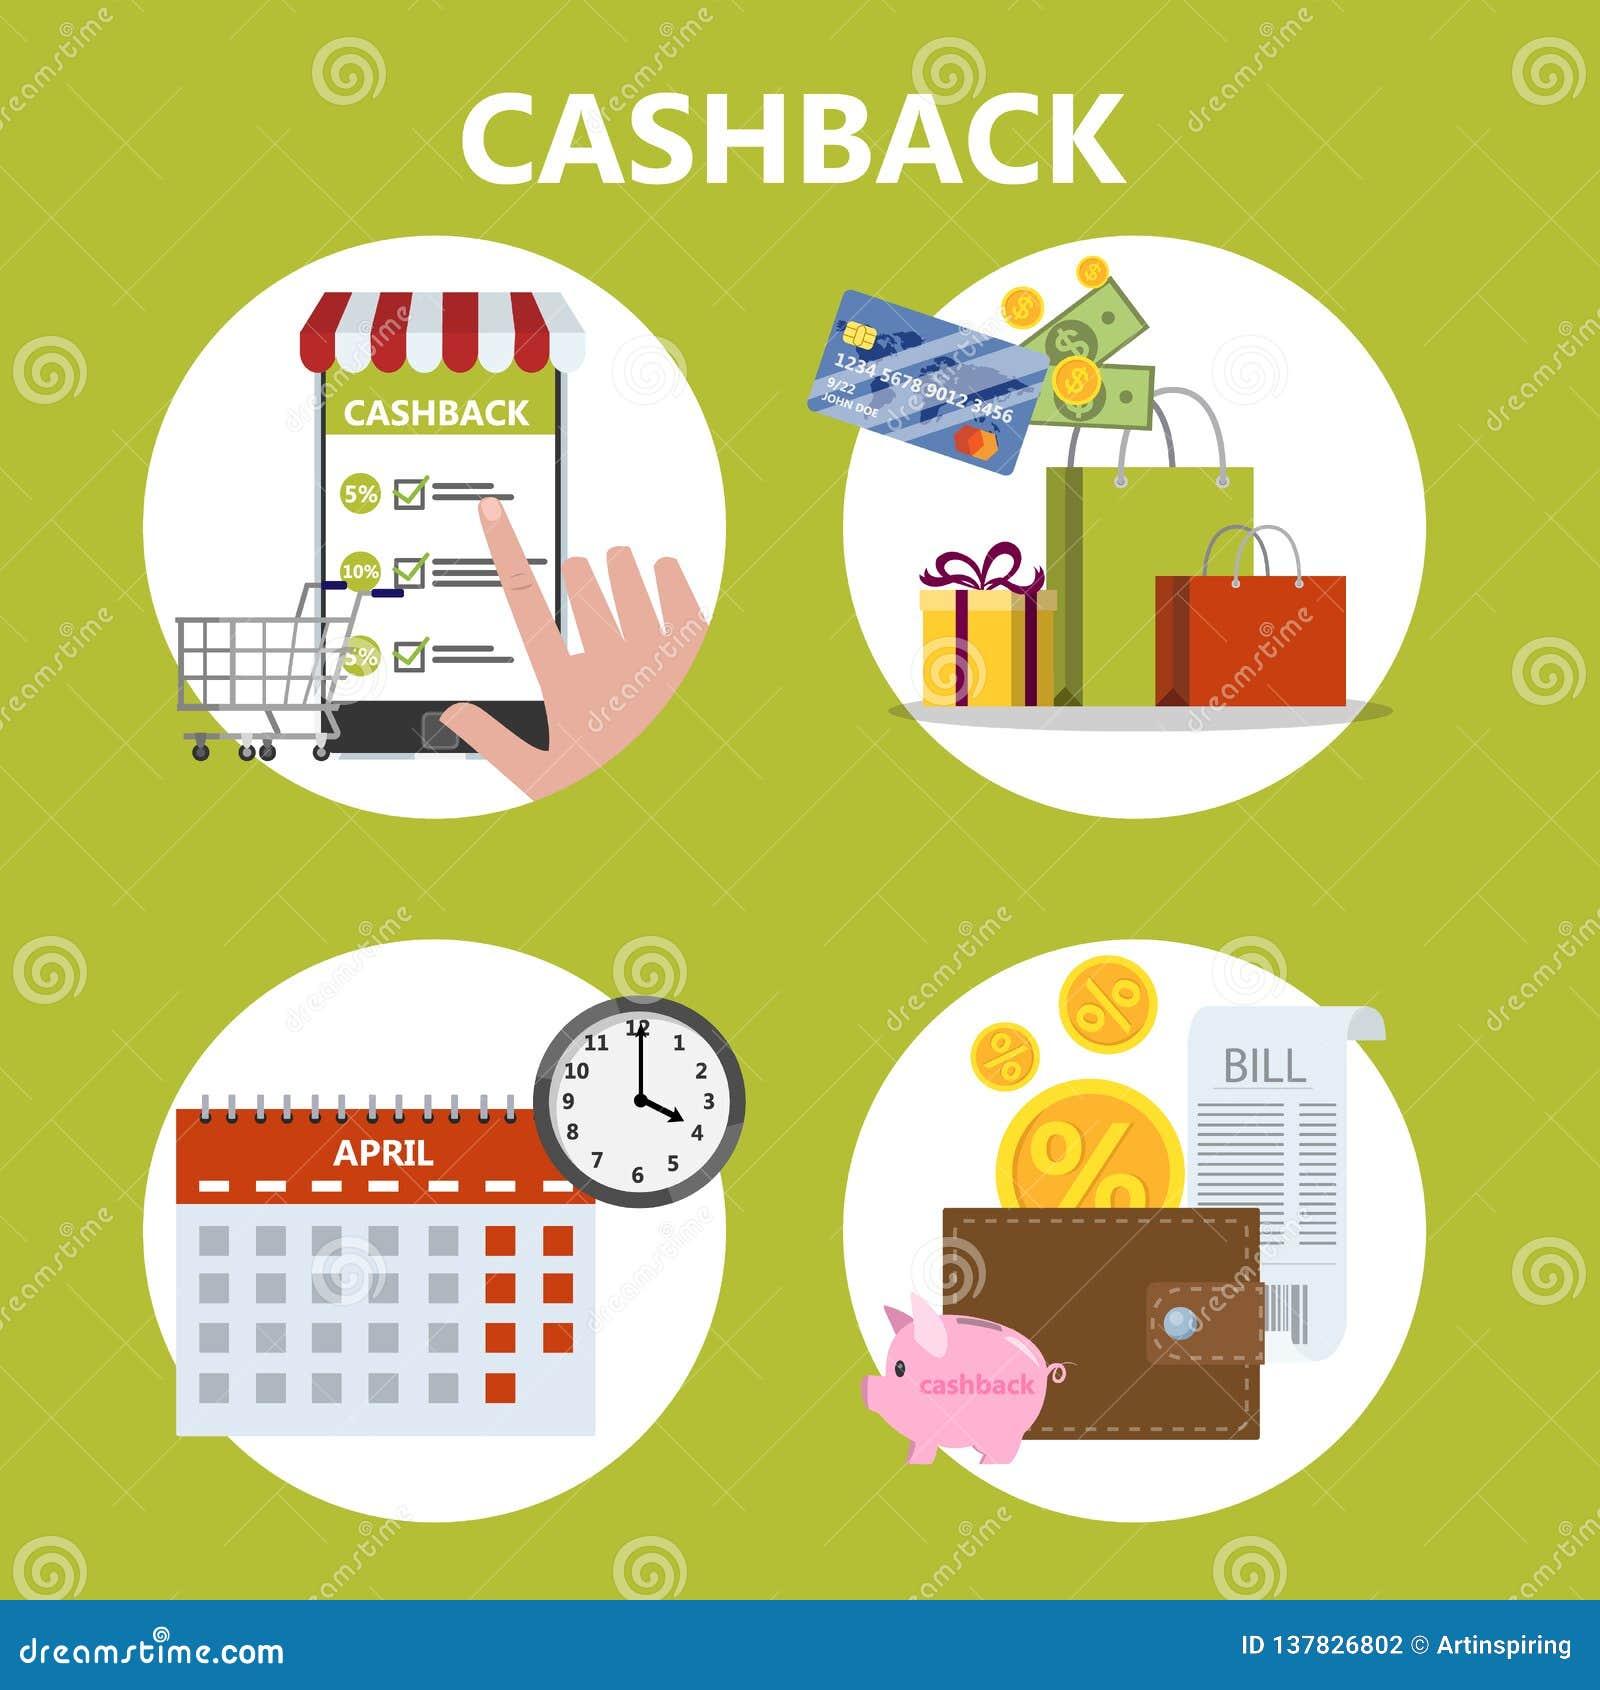 Comment obtenir la reprise utilisant la carte de crédit